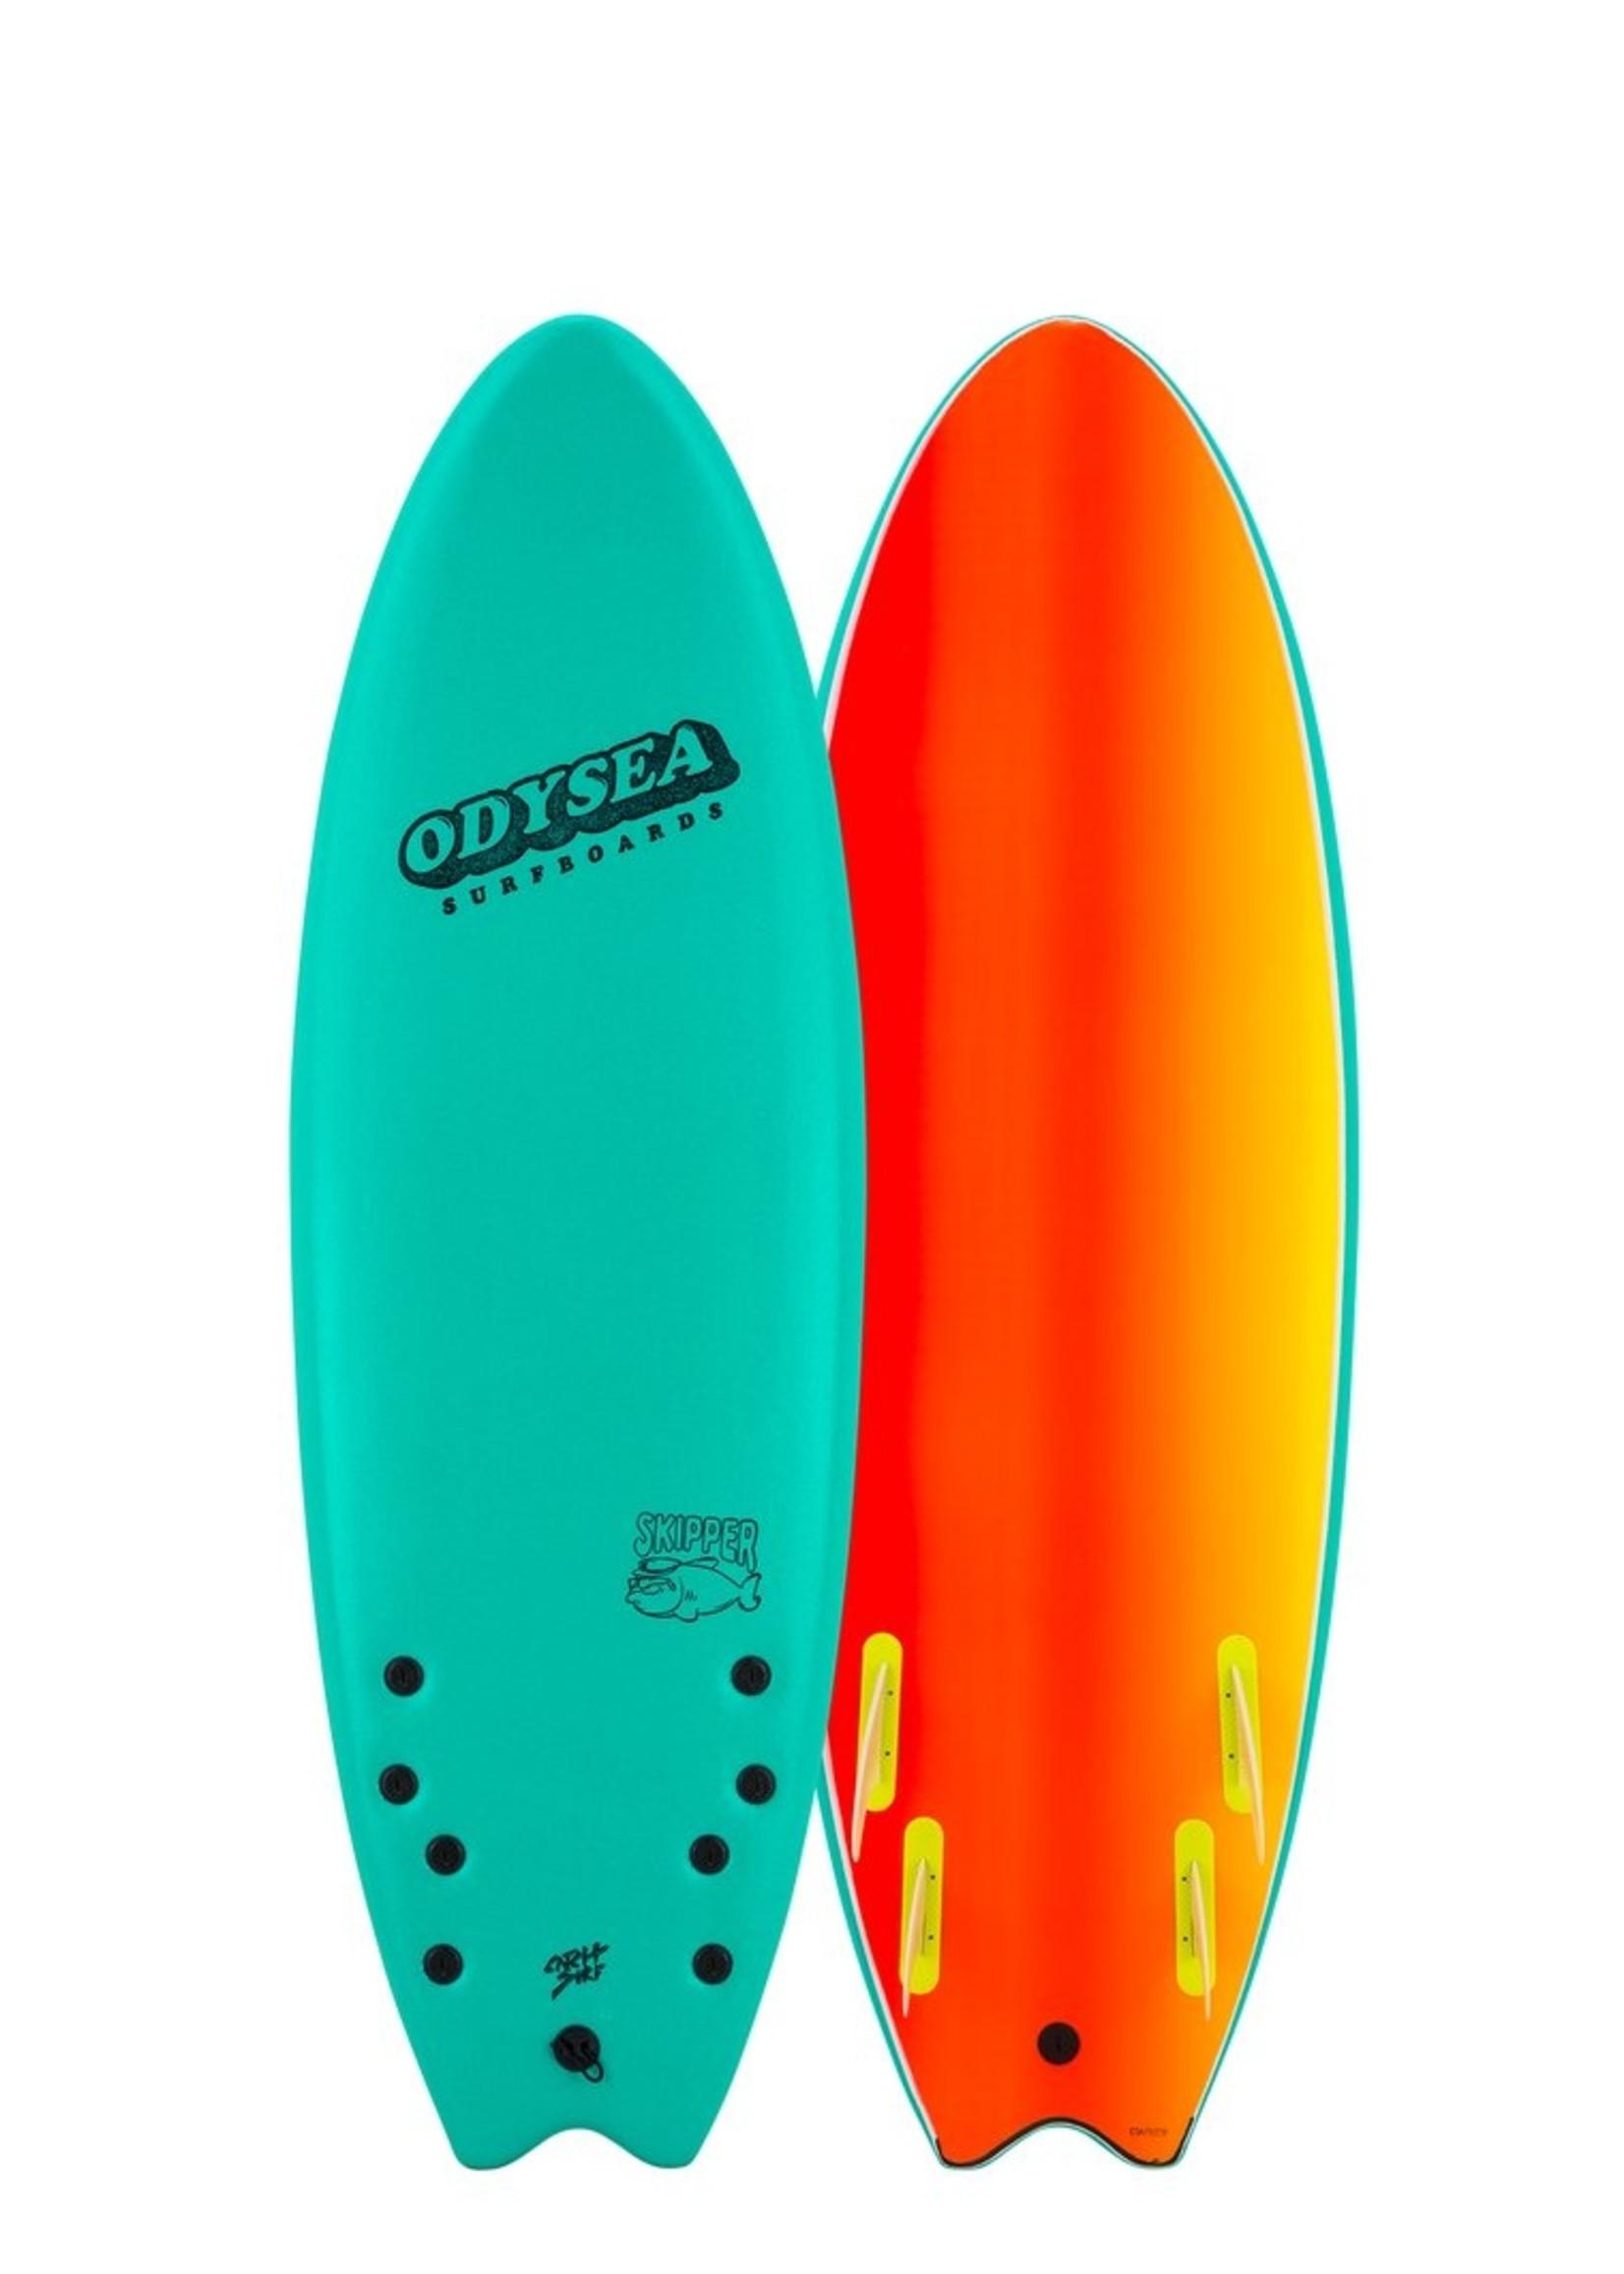 Catch Surf Odysea Skipper Quad Emerald Green 6-0